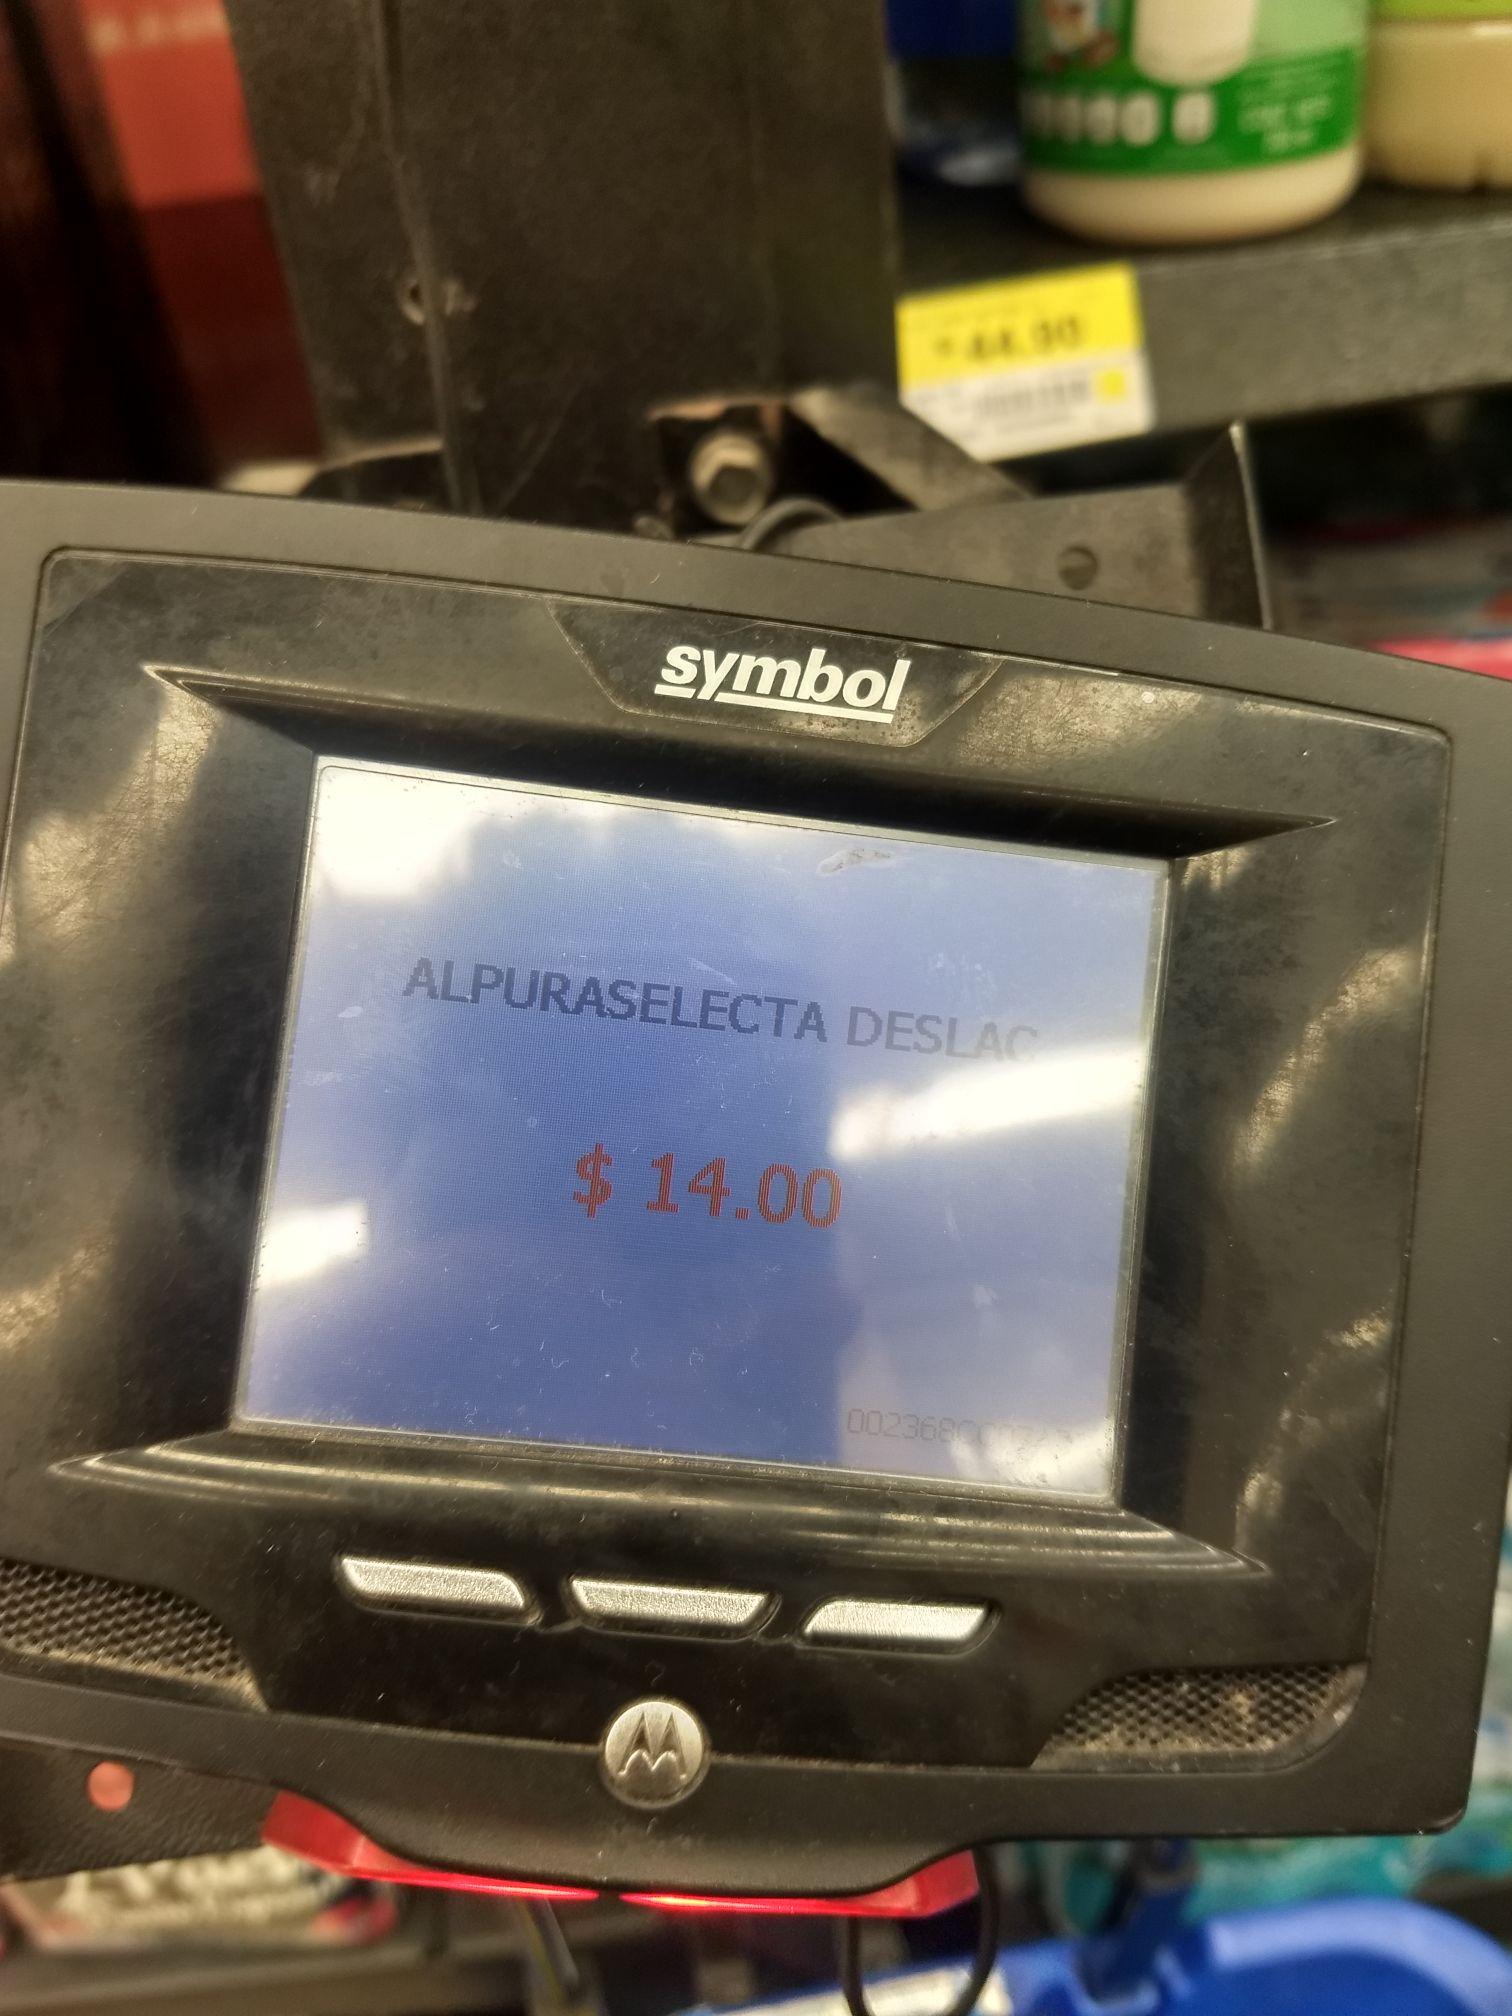 Walmart: Leche Alpura deslactosada